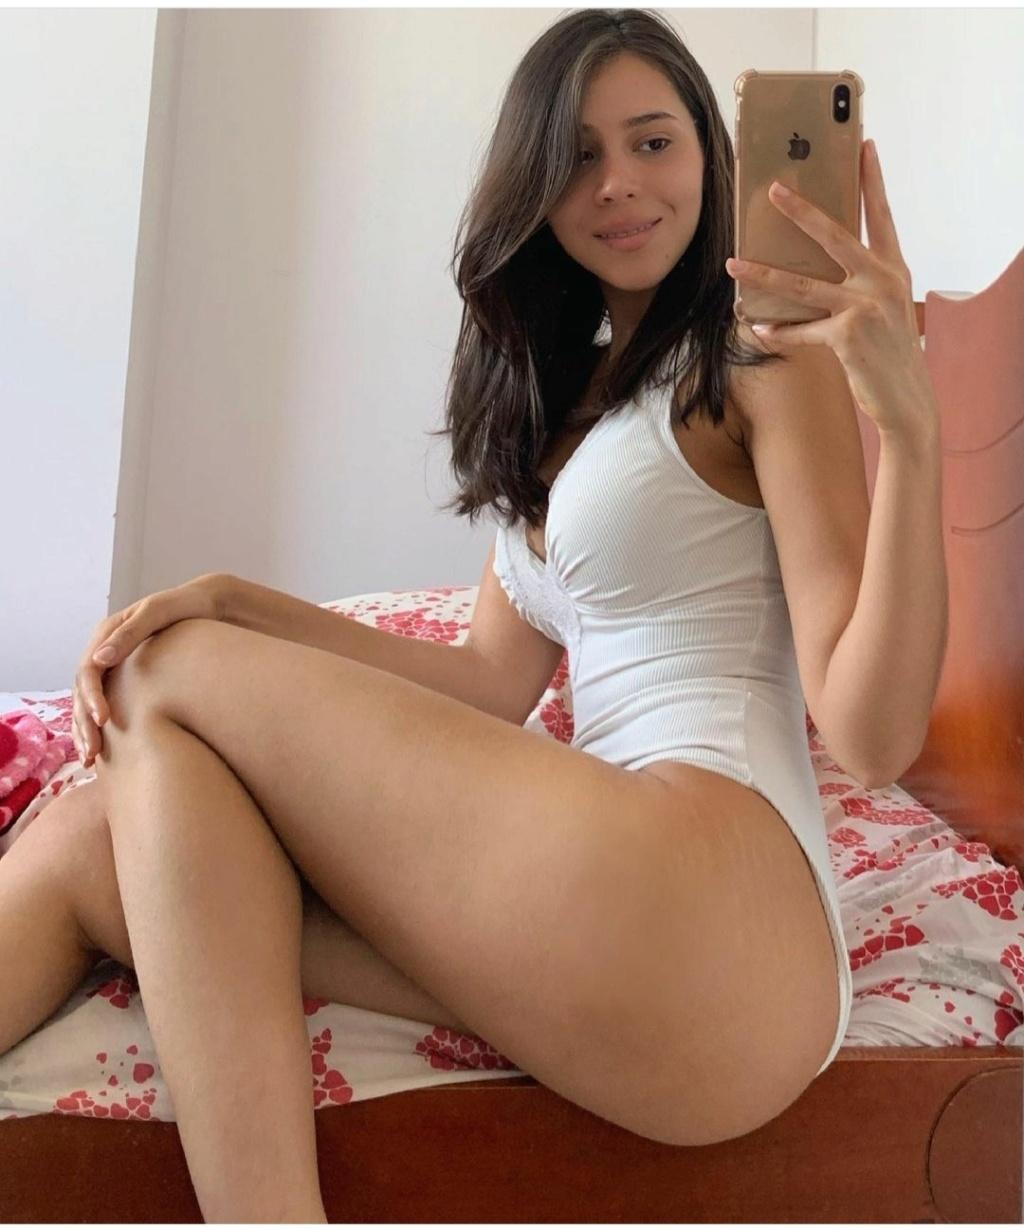 DEBATE sobre belleza, guapura y hermosura (fotos de chicas latinas, mestizas, y de todo) - VOL II - Página 8 Img_1419